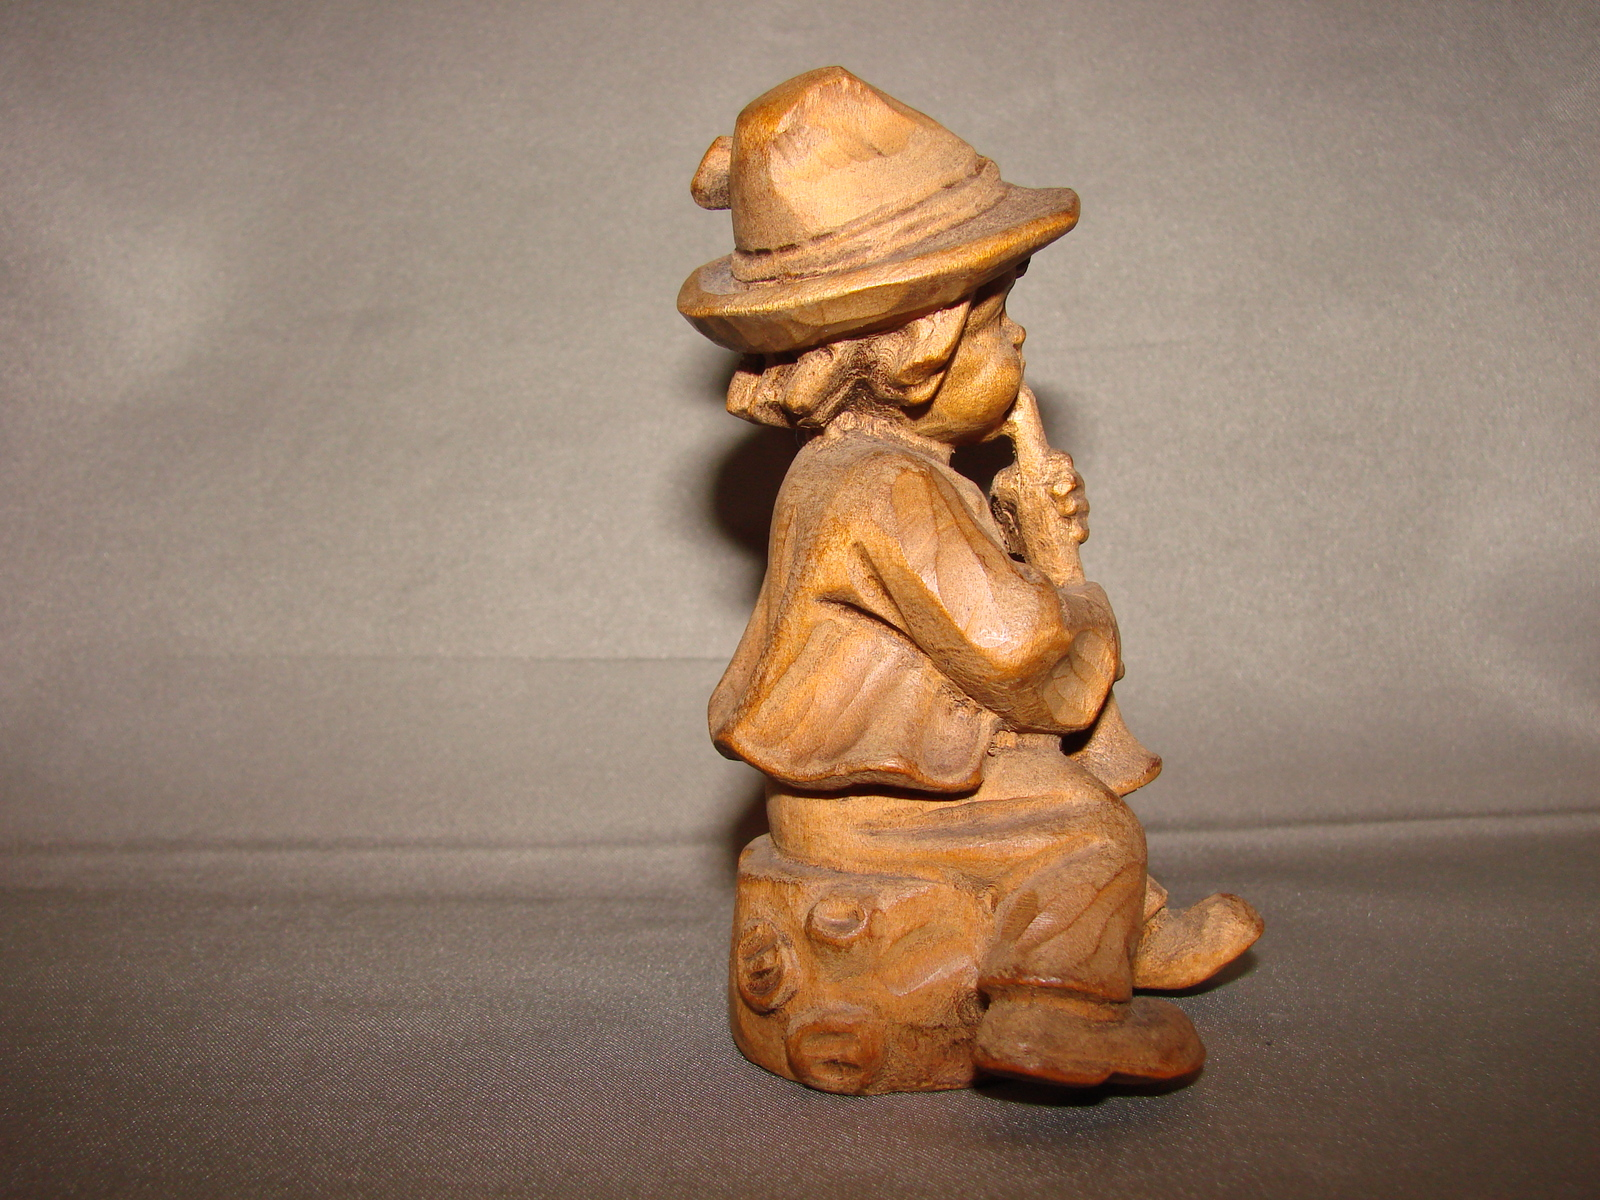 Vintage German Black Forest Wood Carved Boy With Horn Figure